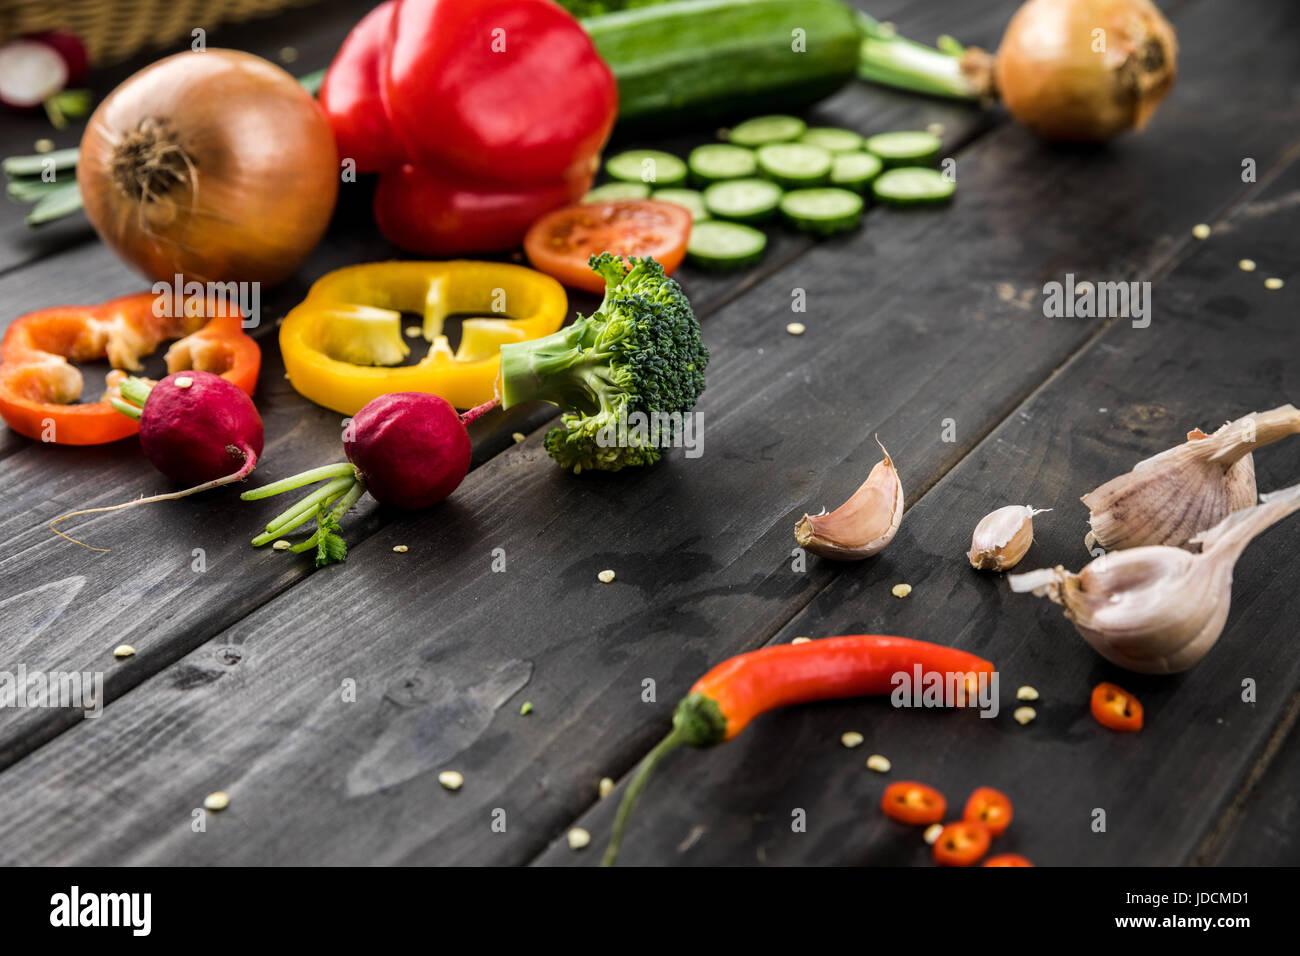 Vue rapprochée de légumes frais de saison sur fond de bois rustique Photo Stock